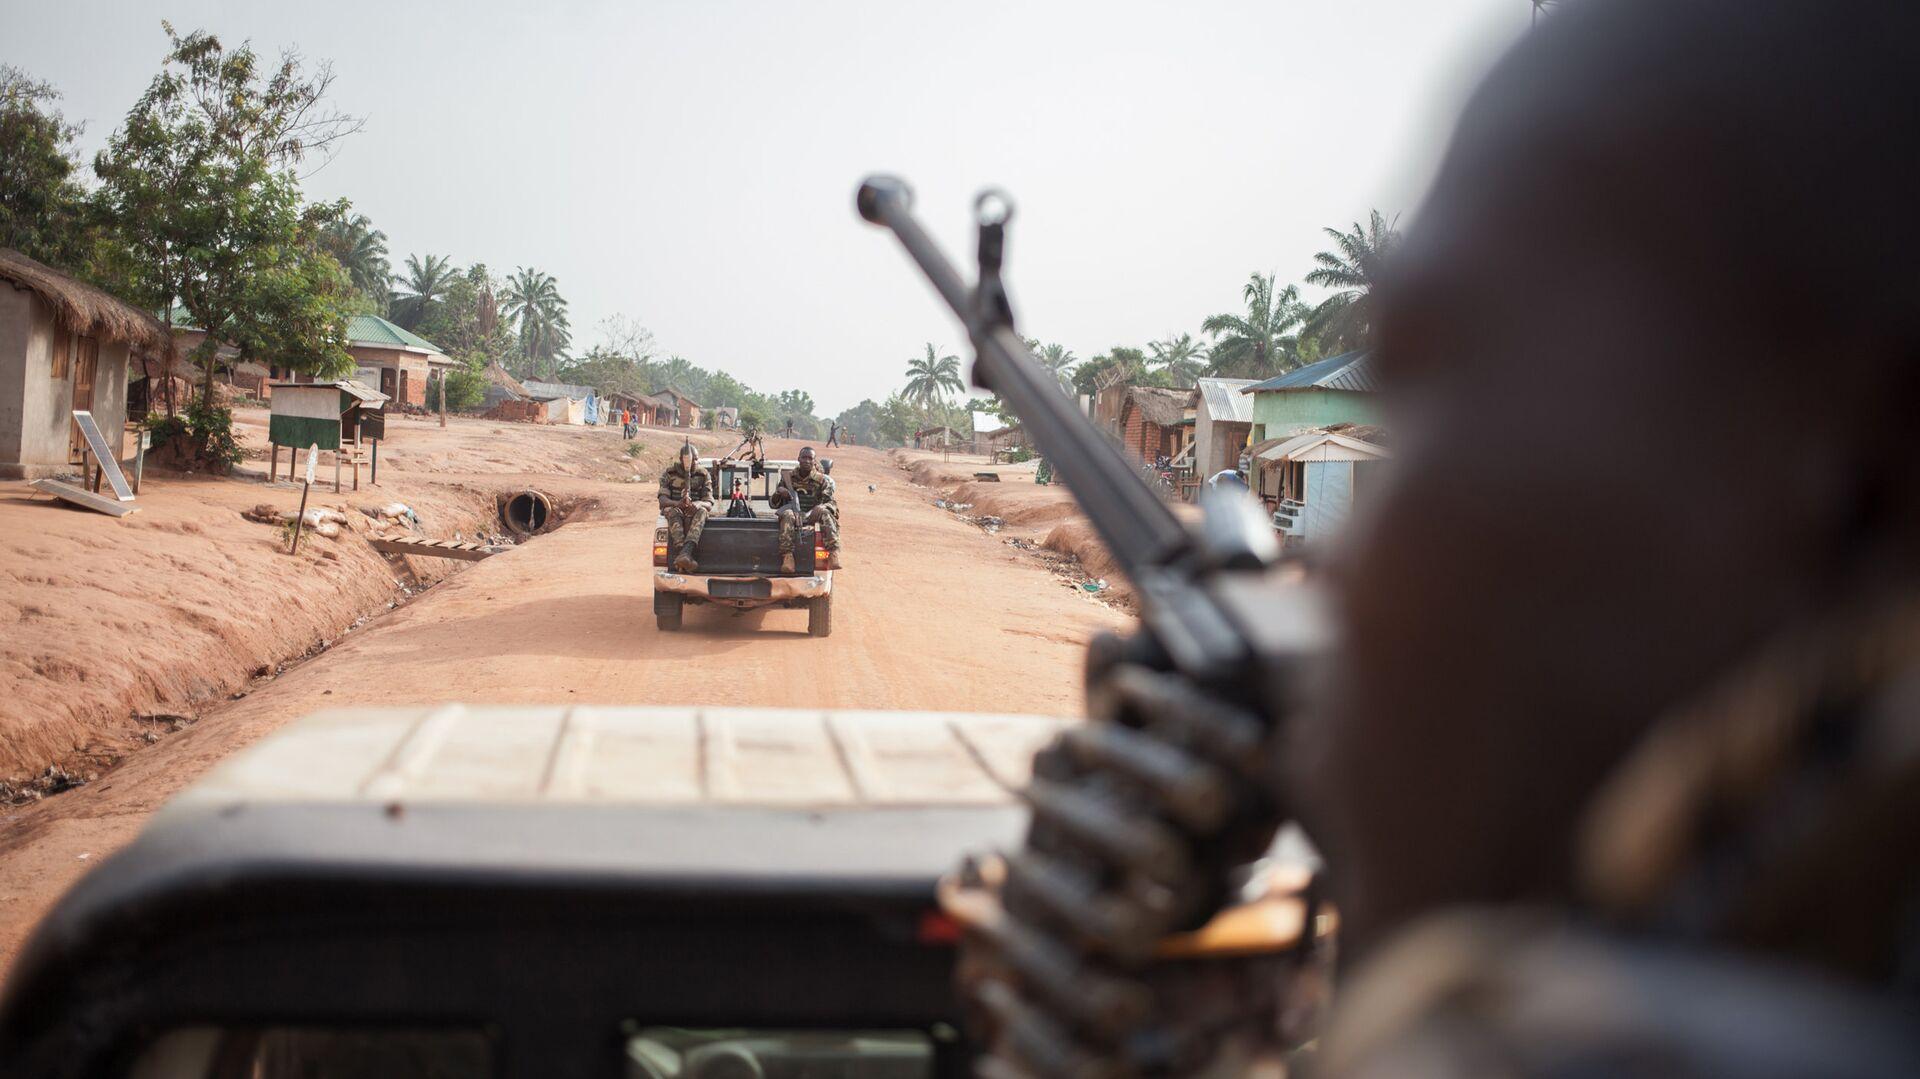 Военные в Центральноафриканской республике - РИА Новости, 1920, 09.01.2021